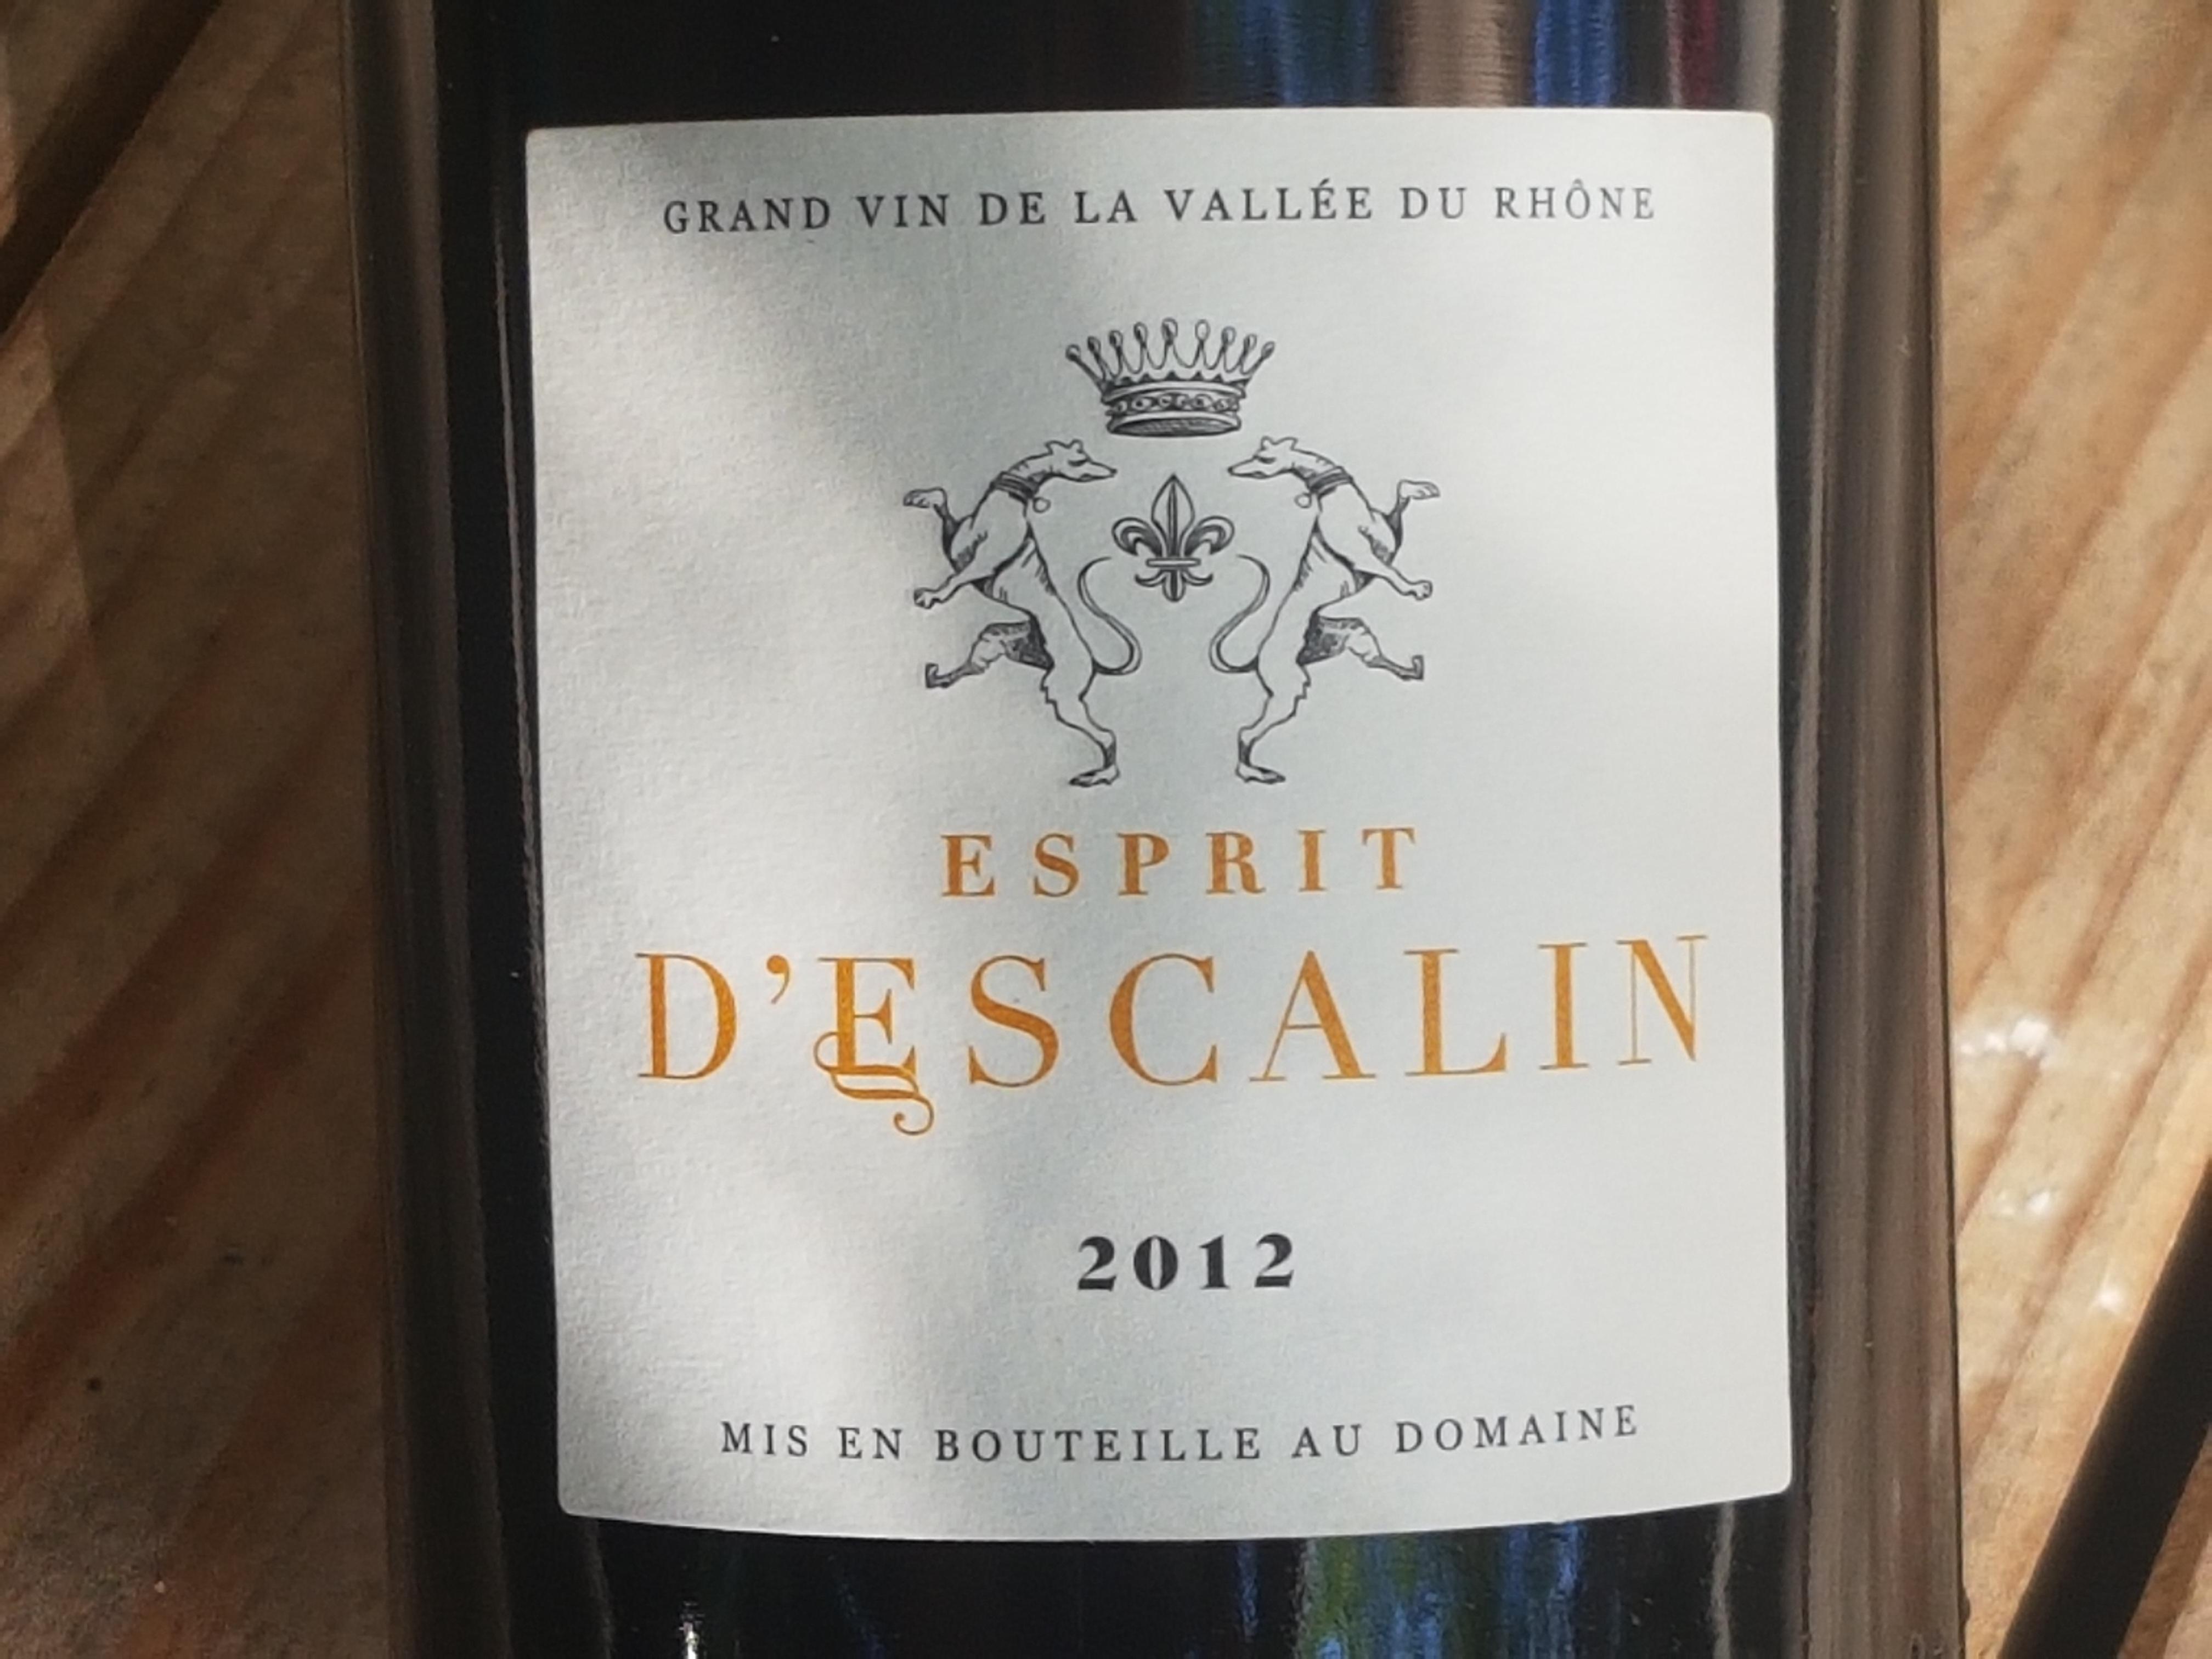 Baron d'Escalin – L'eprit d'Escalin 2012– Grignan-les-Adhémar